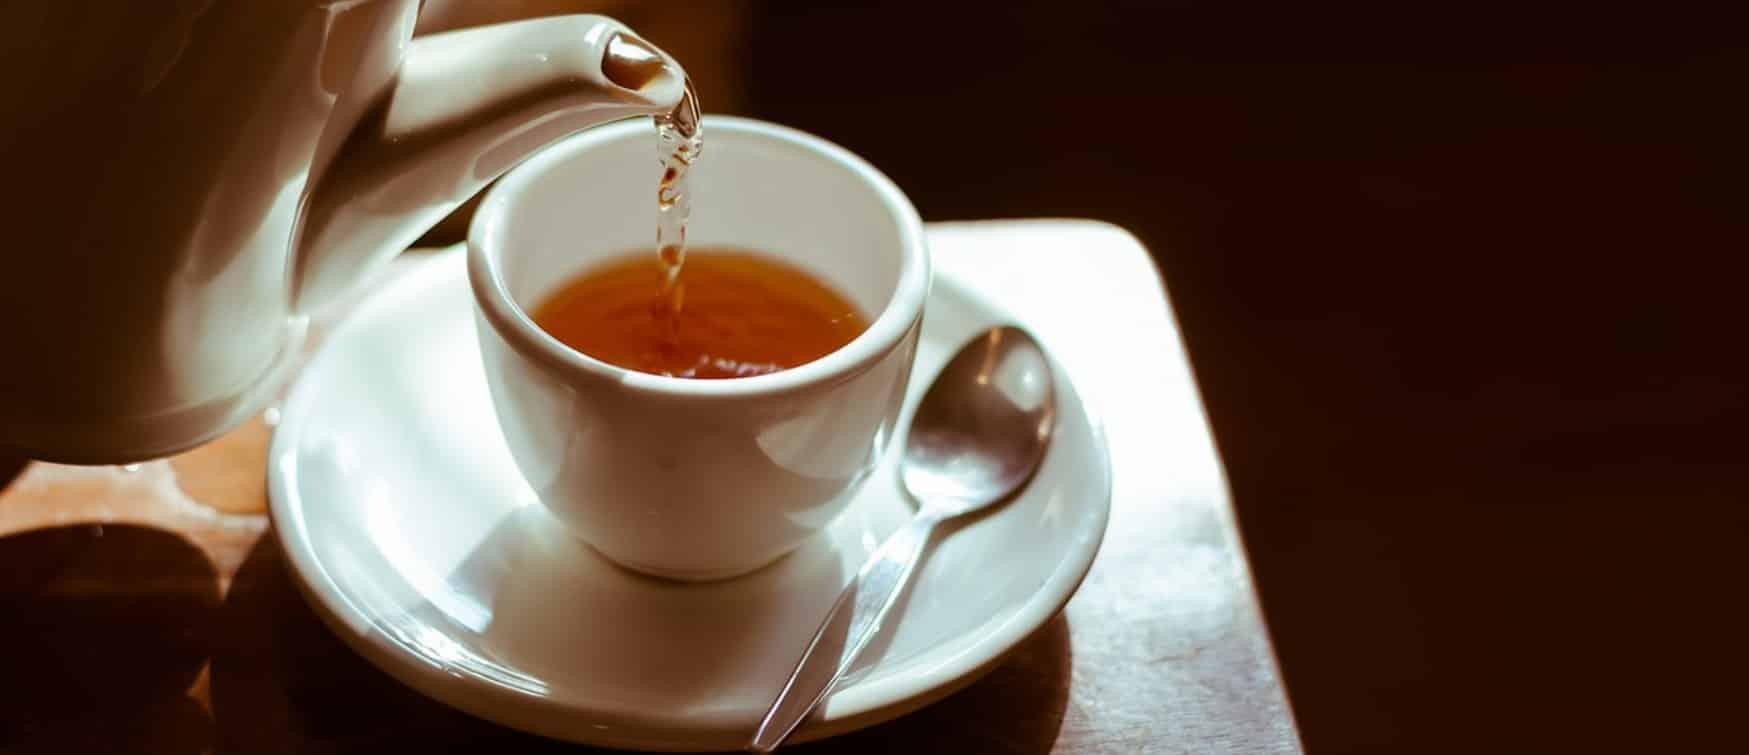 Comparatif pour choisir le meilleur thé bio